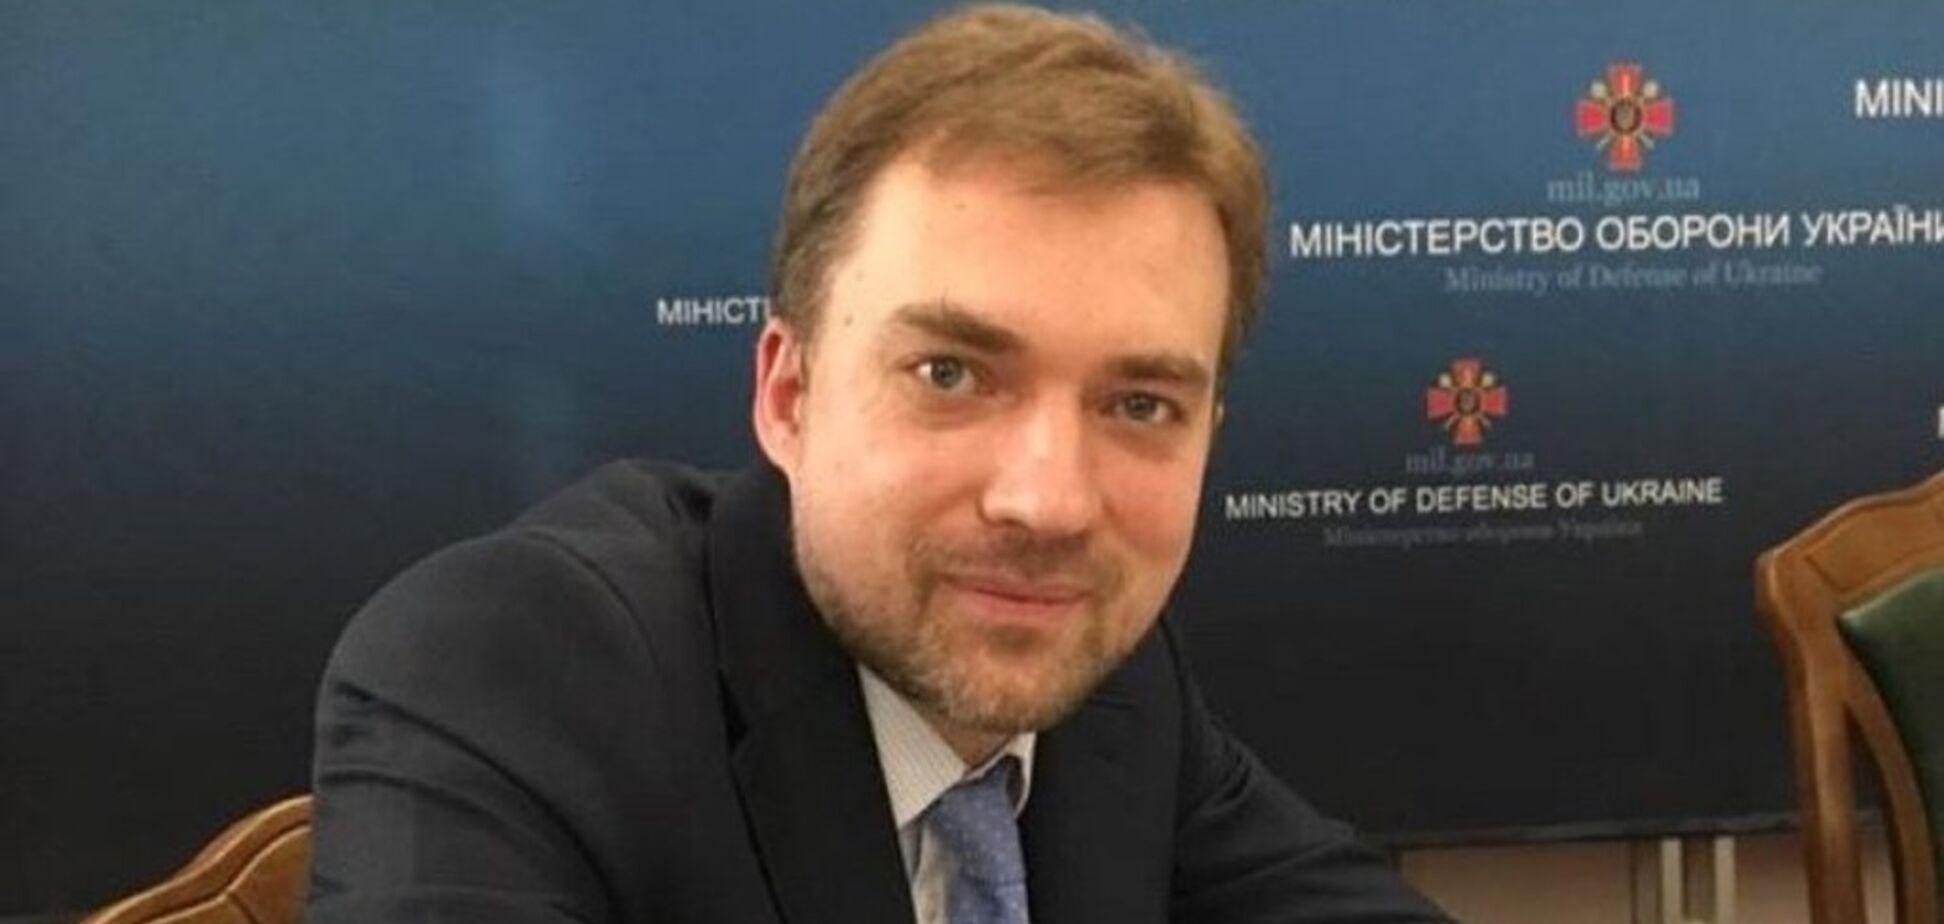 Устроил истерику: Загороднюк отказался отвечать на вопрос о закупке бронетехники